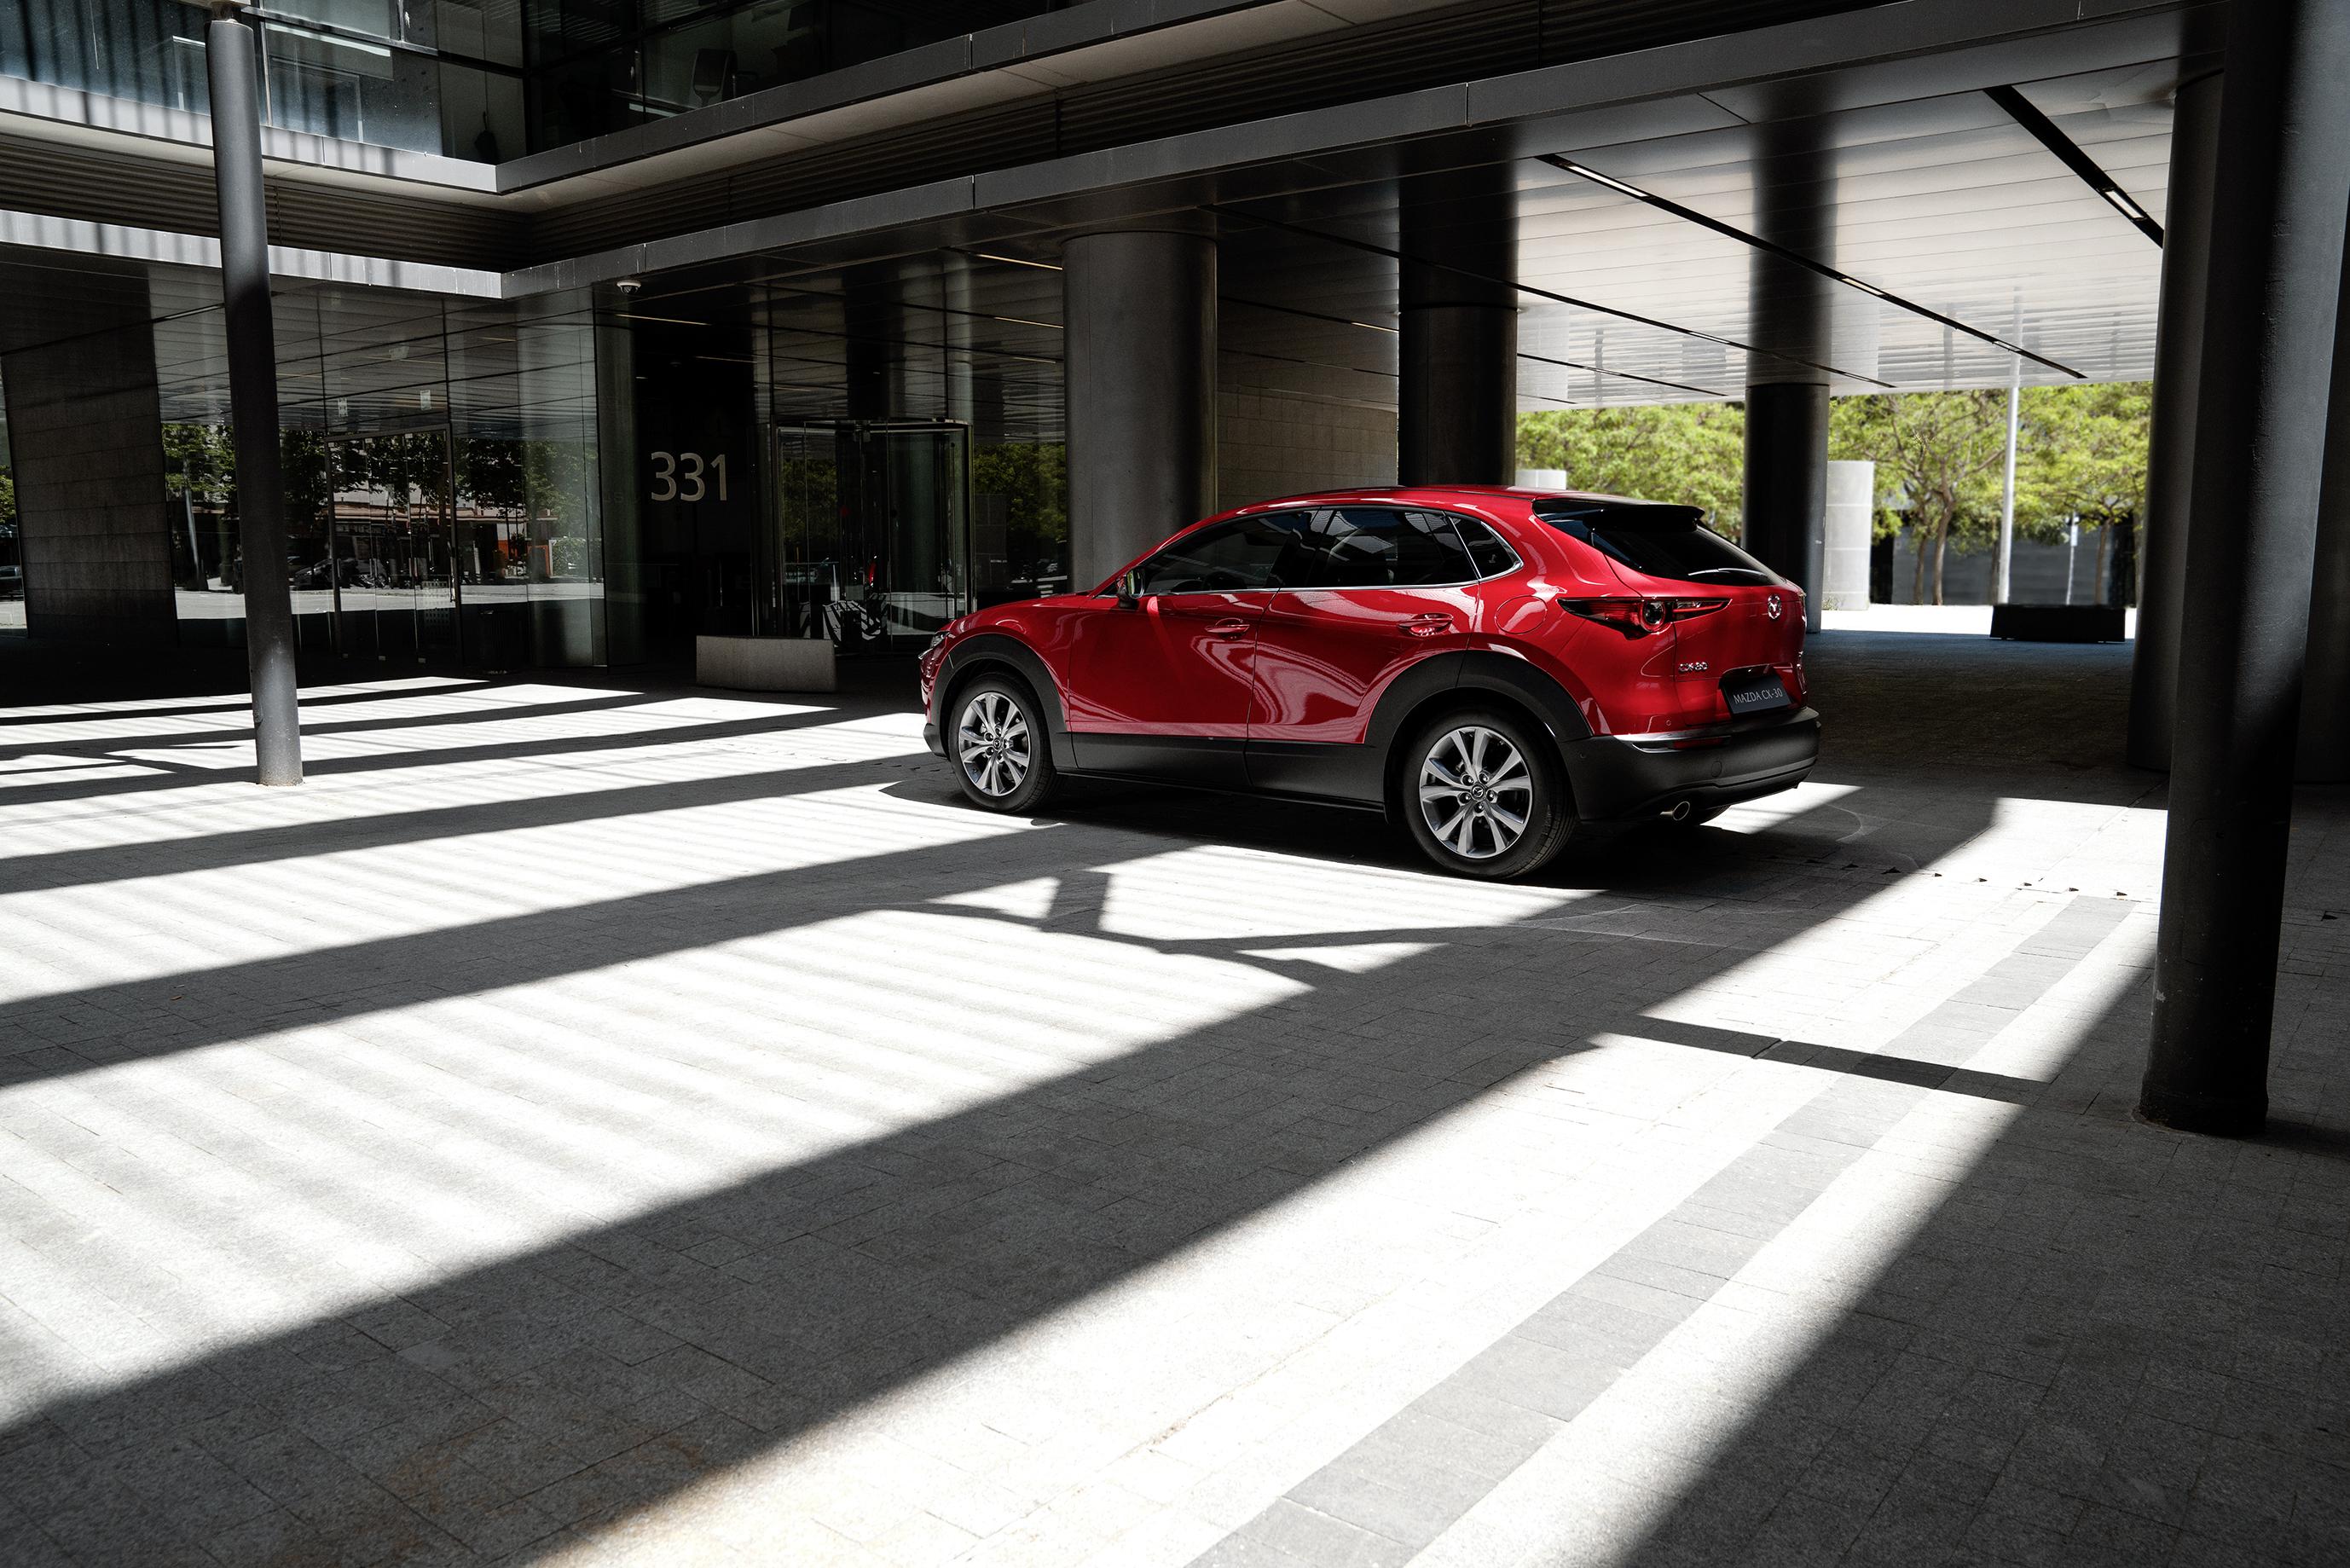 2019-CX-30-All-New-Mazda-CX-30-Launch-campaign-Still-Asset-Life-with-Creativity-DSA6168-01